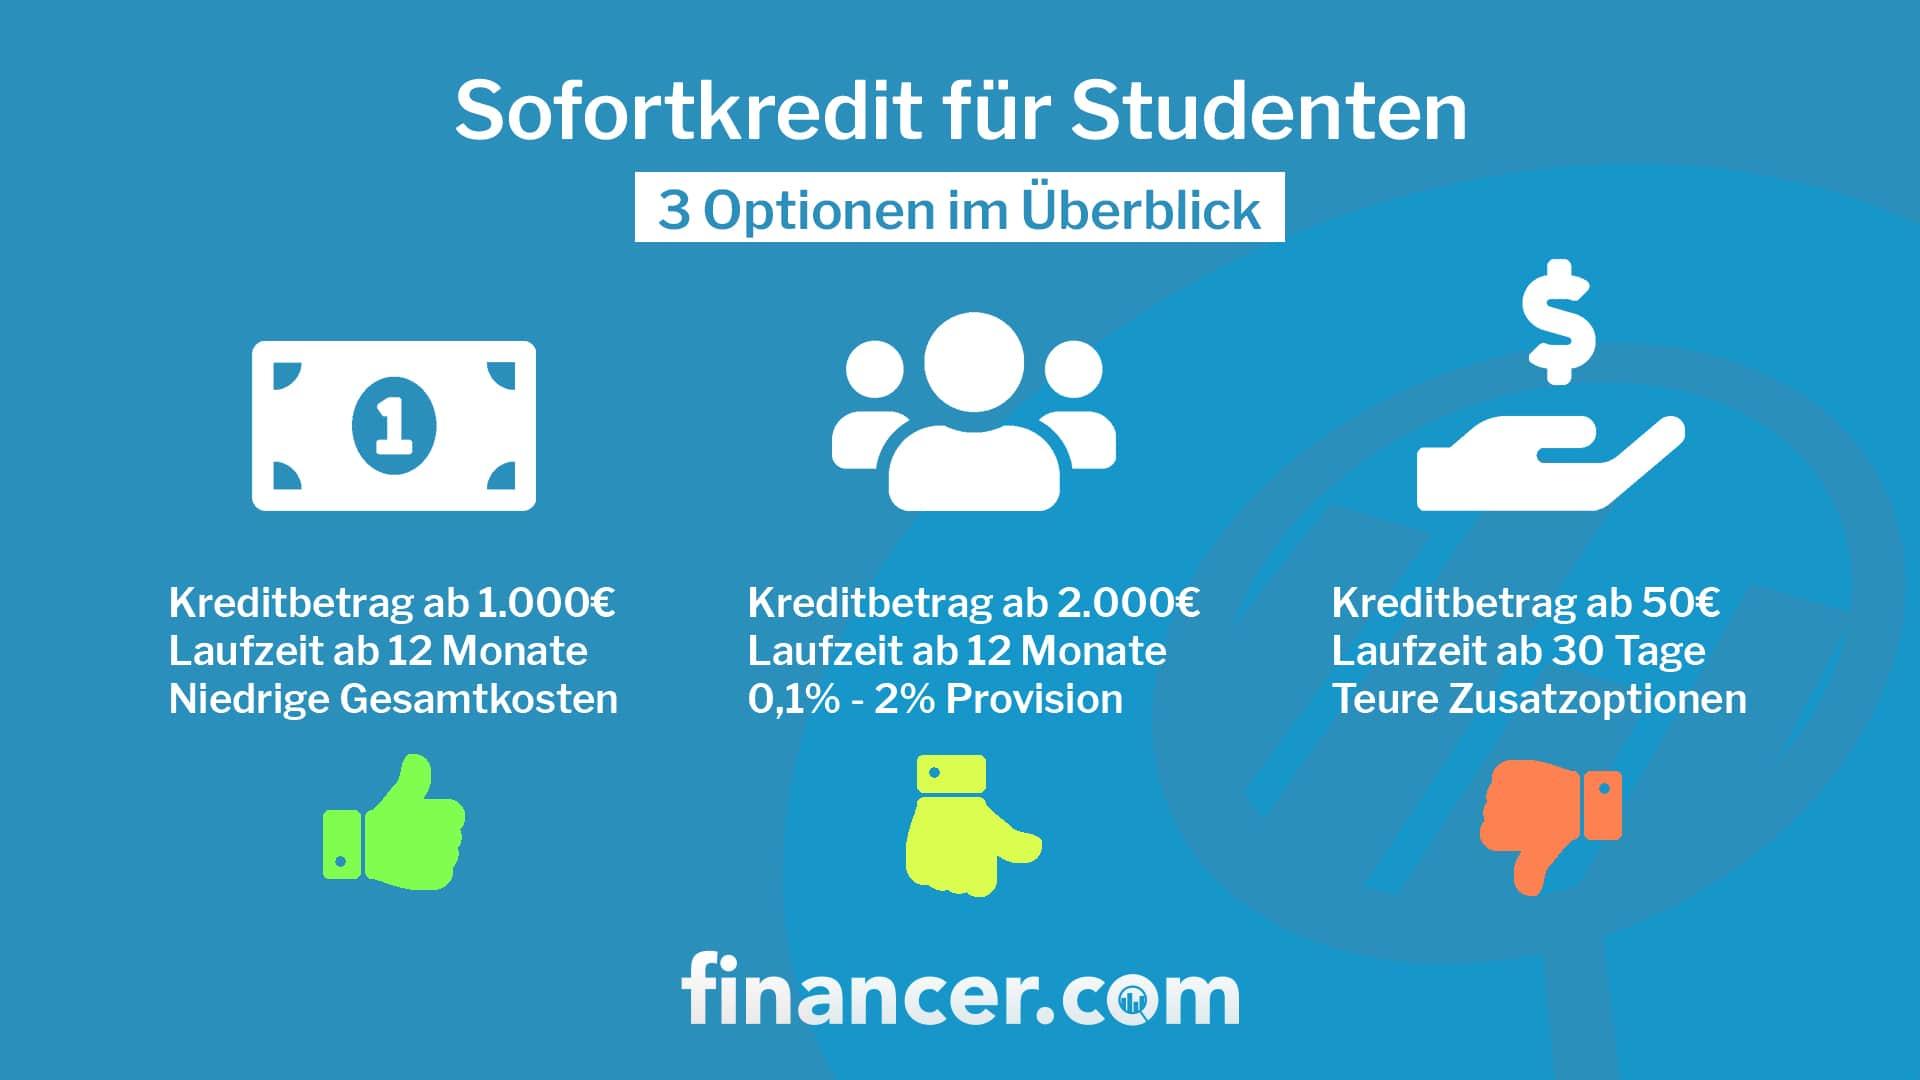 sofortkredit-für-studenten-min (1)